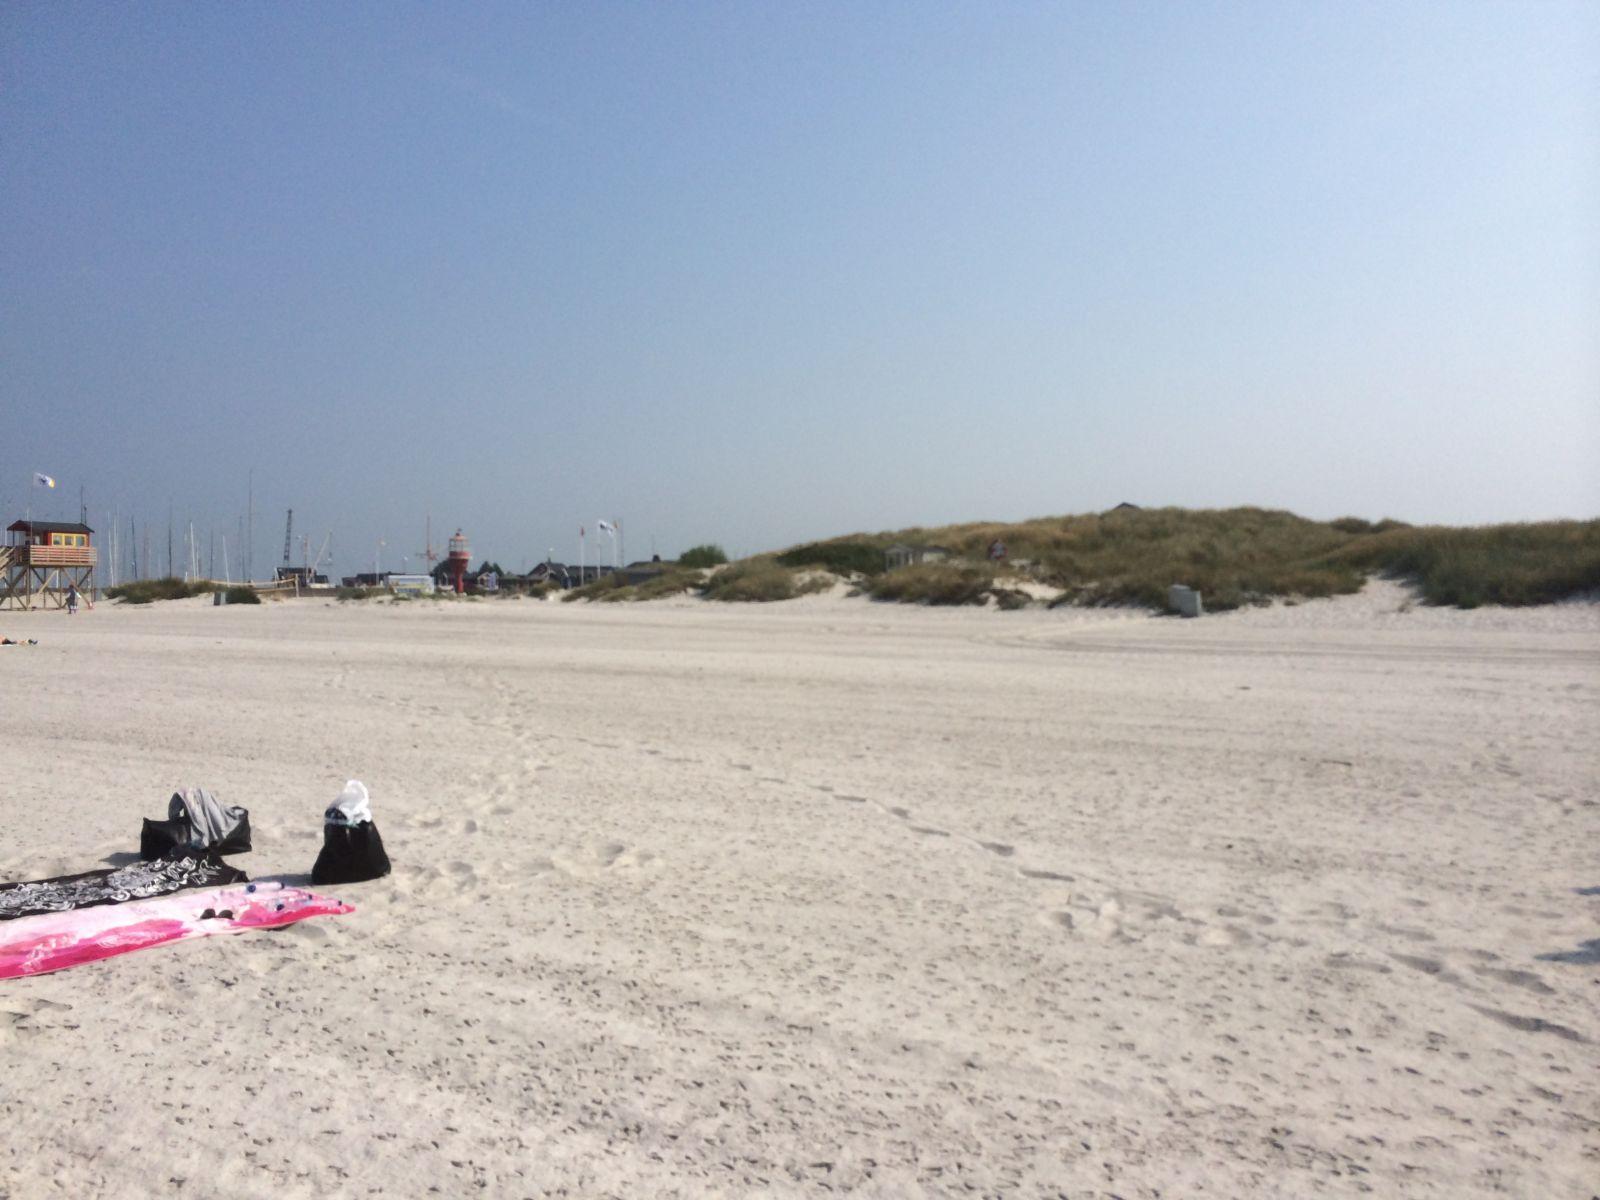 Skanörs havsbad